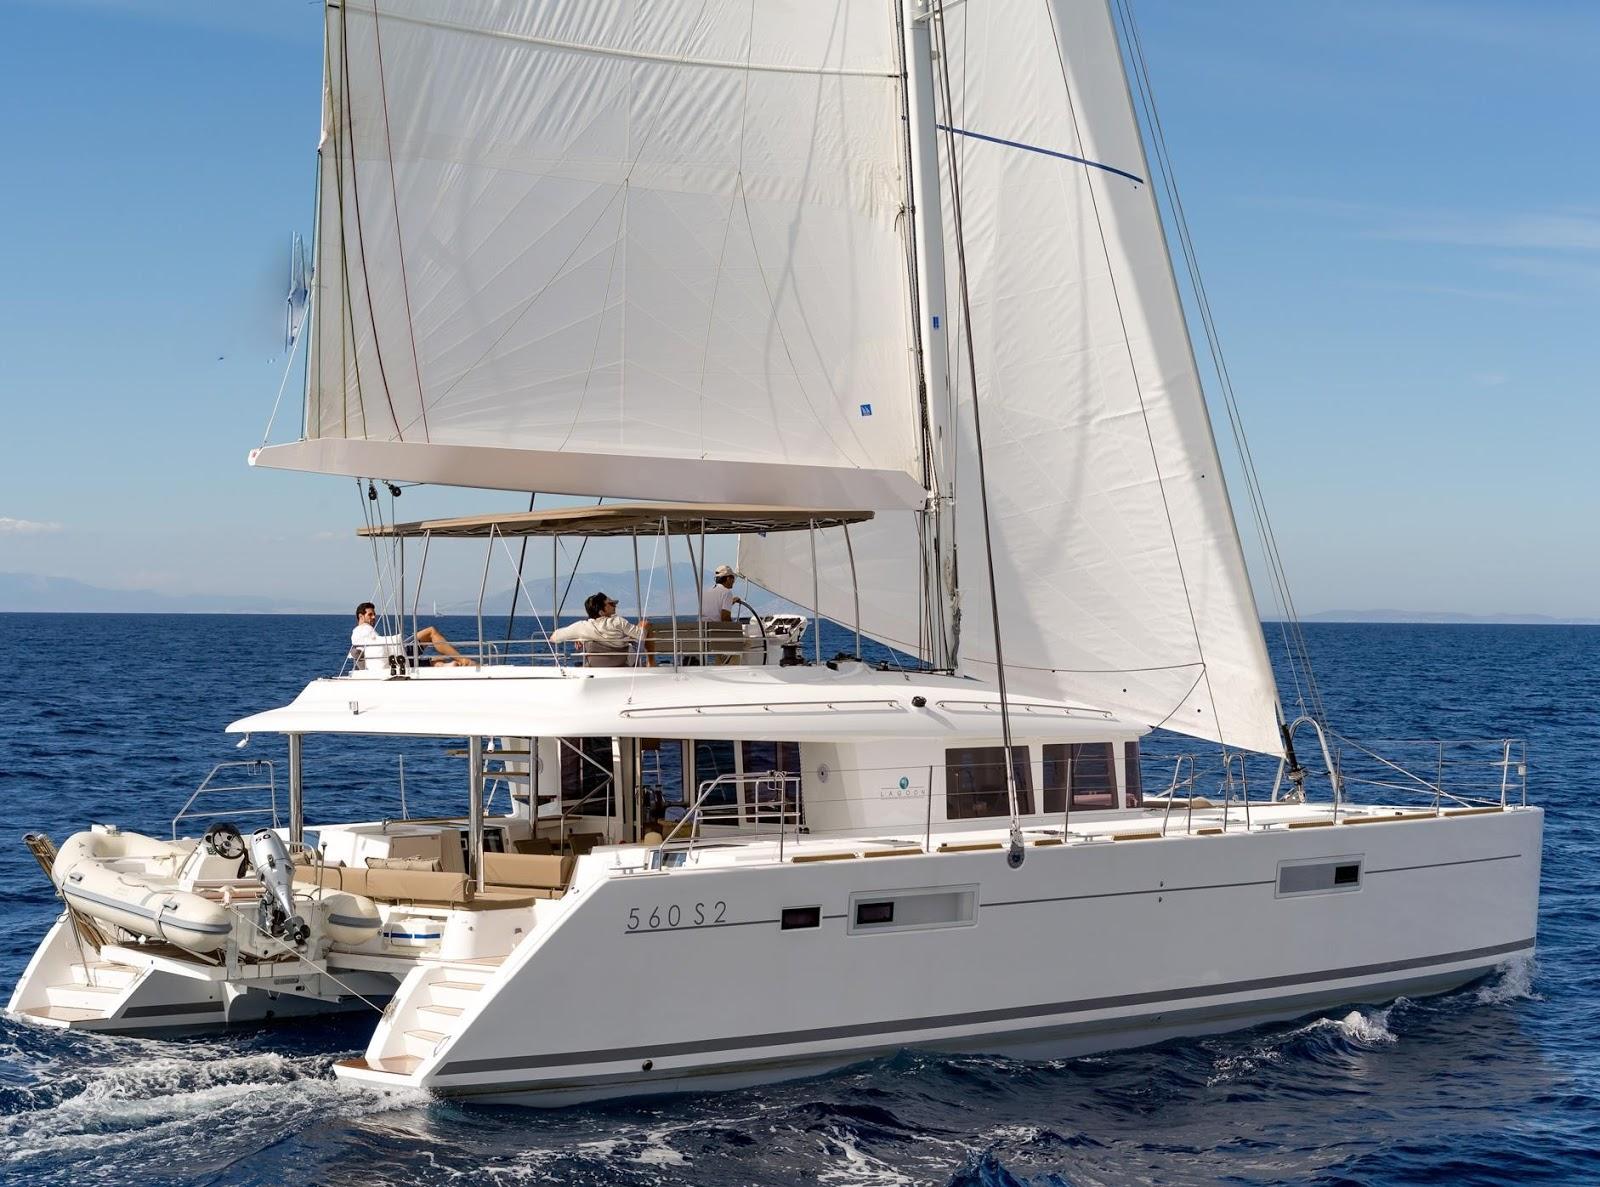 Alquilar catamaranes en Ibiza